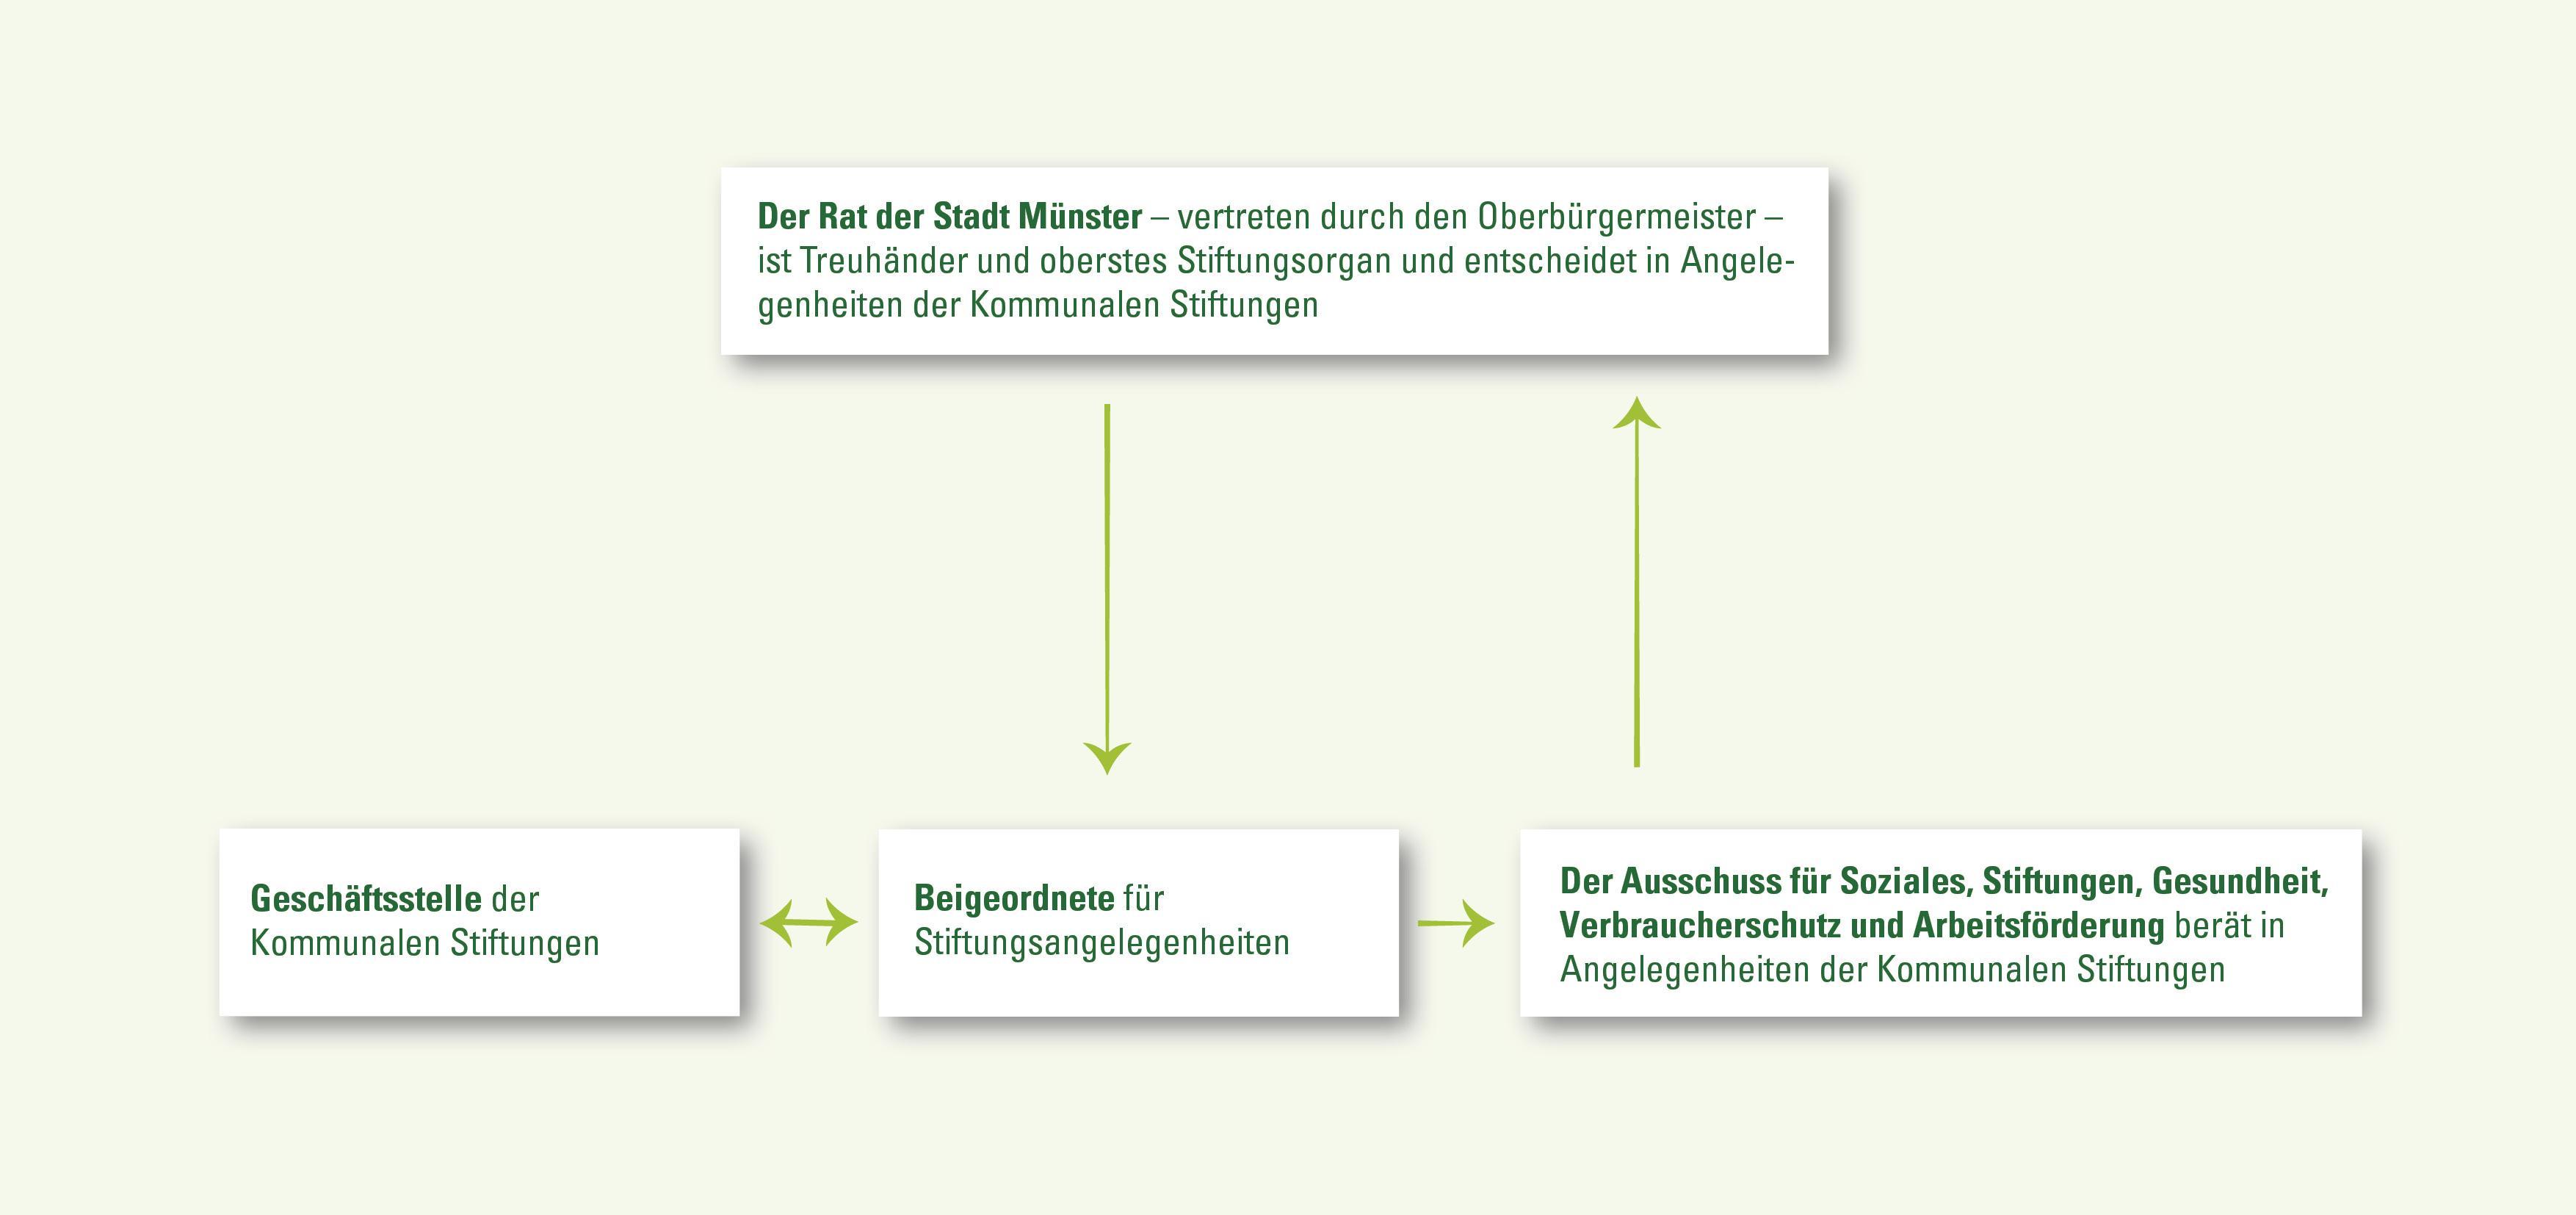 Die Geschäftsstelle - Die Stiftungen | Kommunale Stiftungen Münster